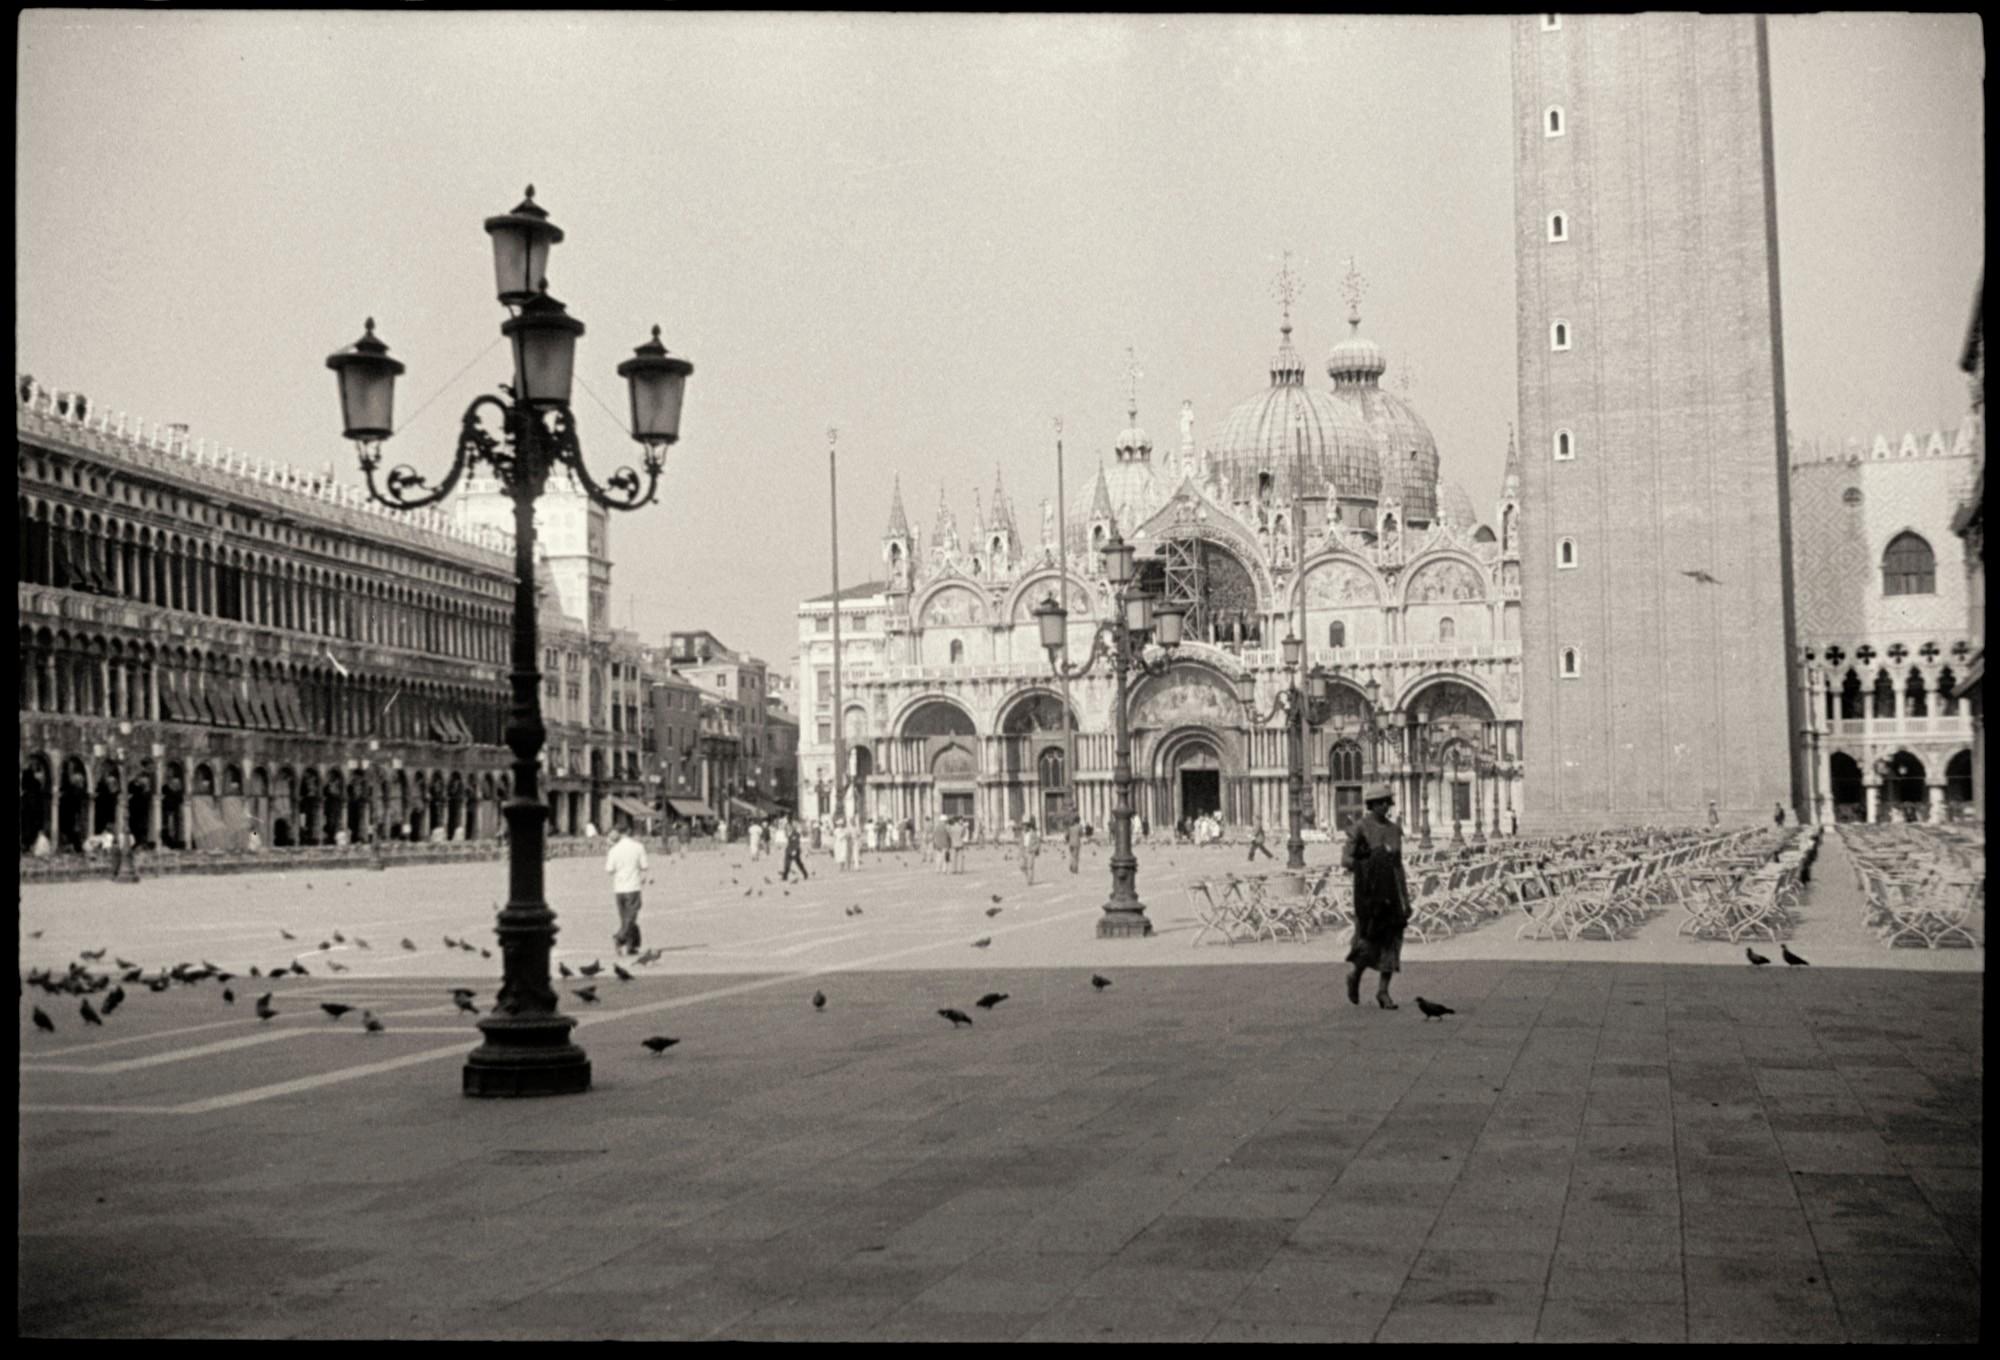 Venice by Mariano Fortuny